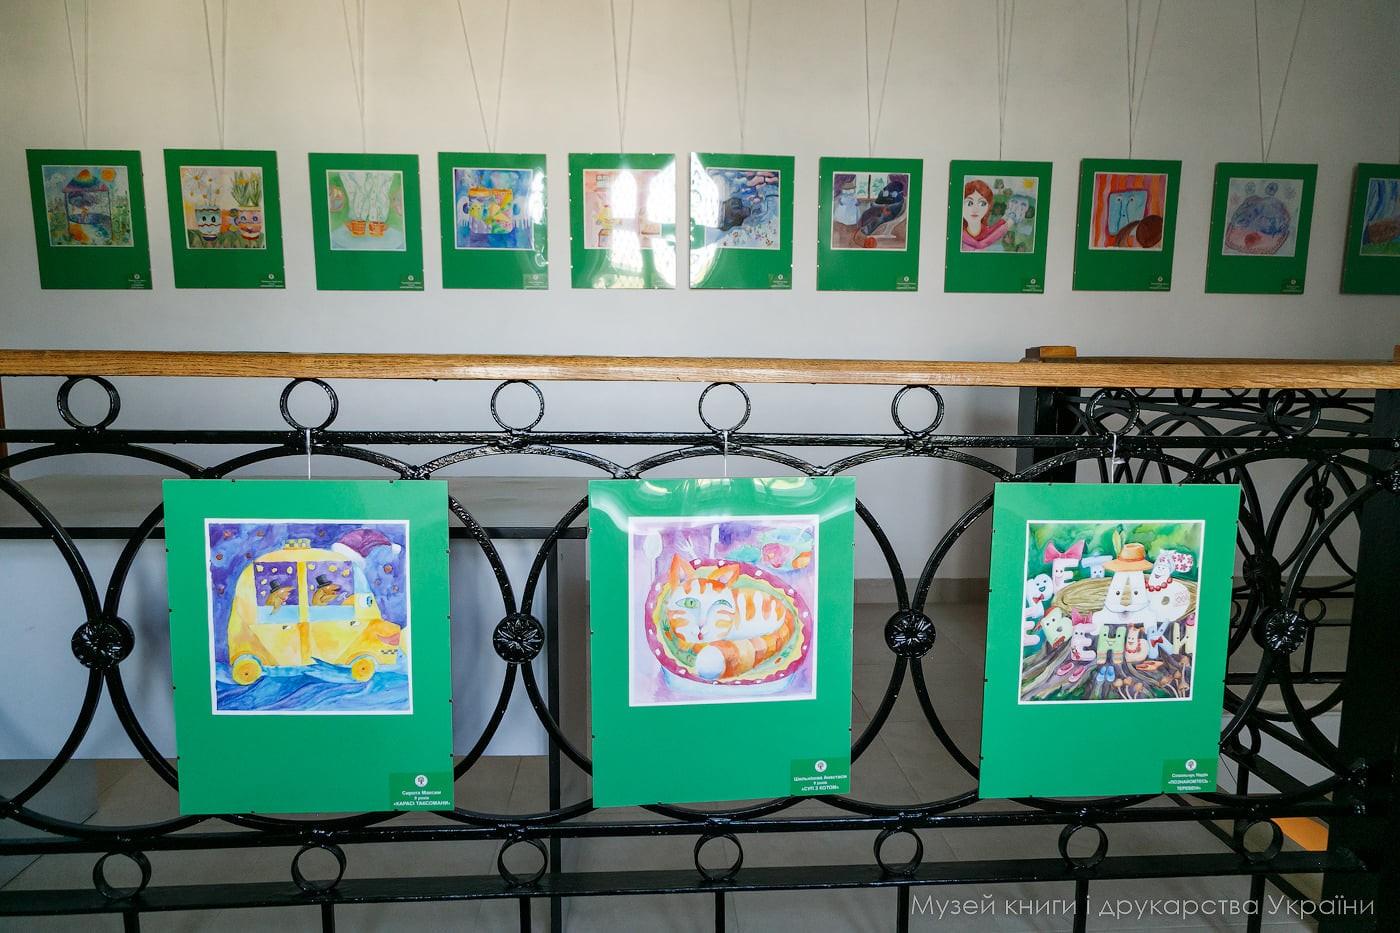 """Фестиваль дитячої книги """"Азбукове Королівство Магів і Янголів"""" розпочався"""